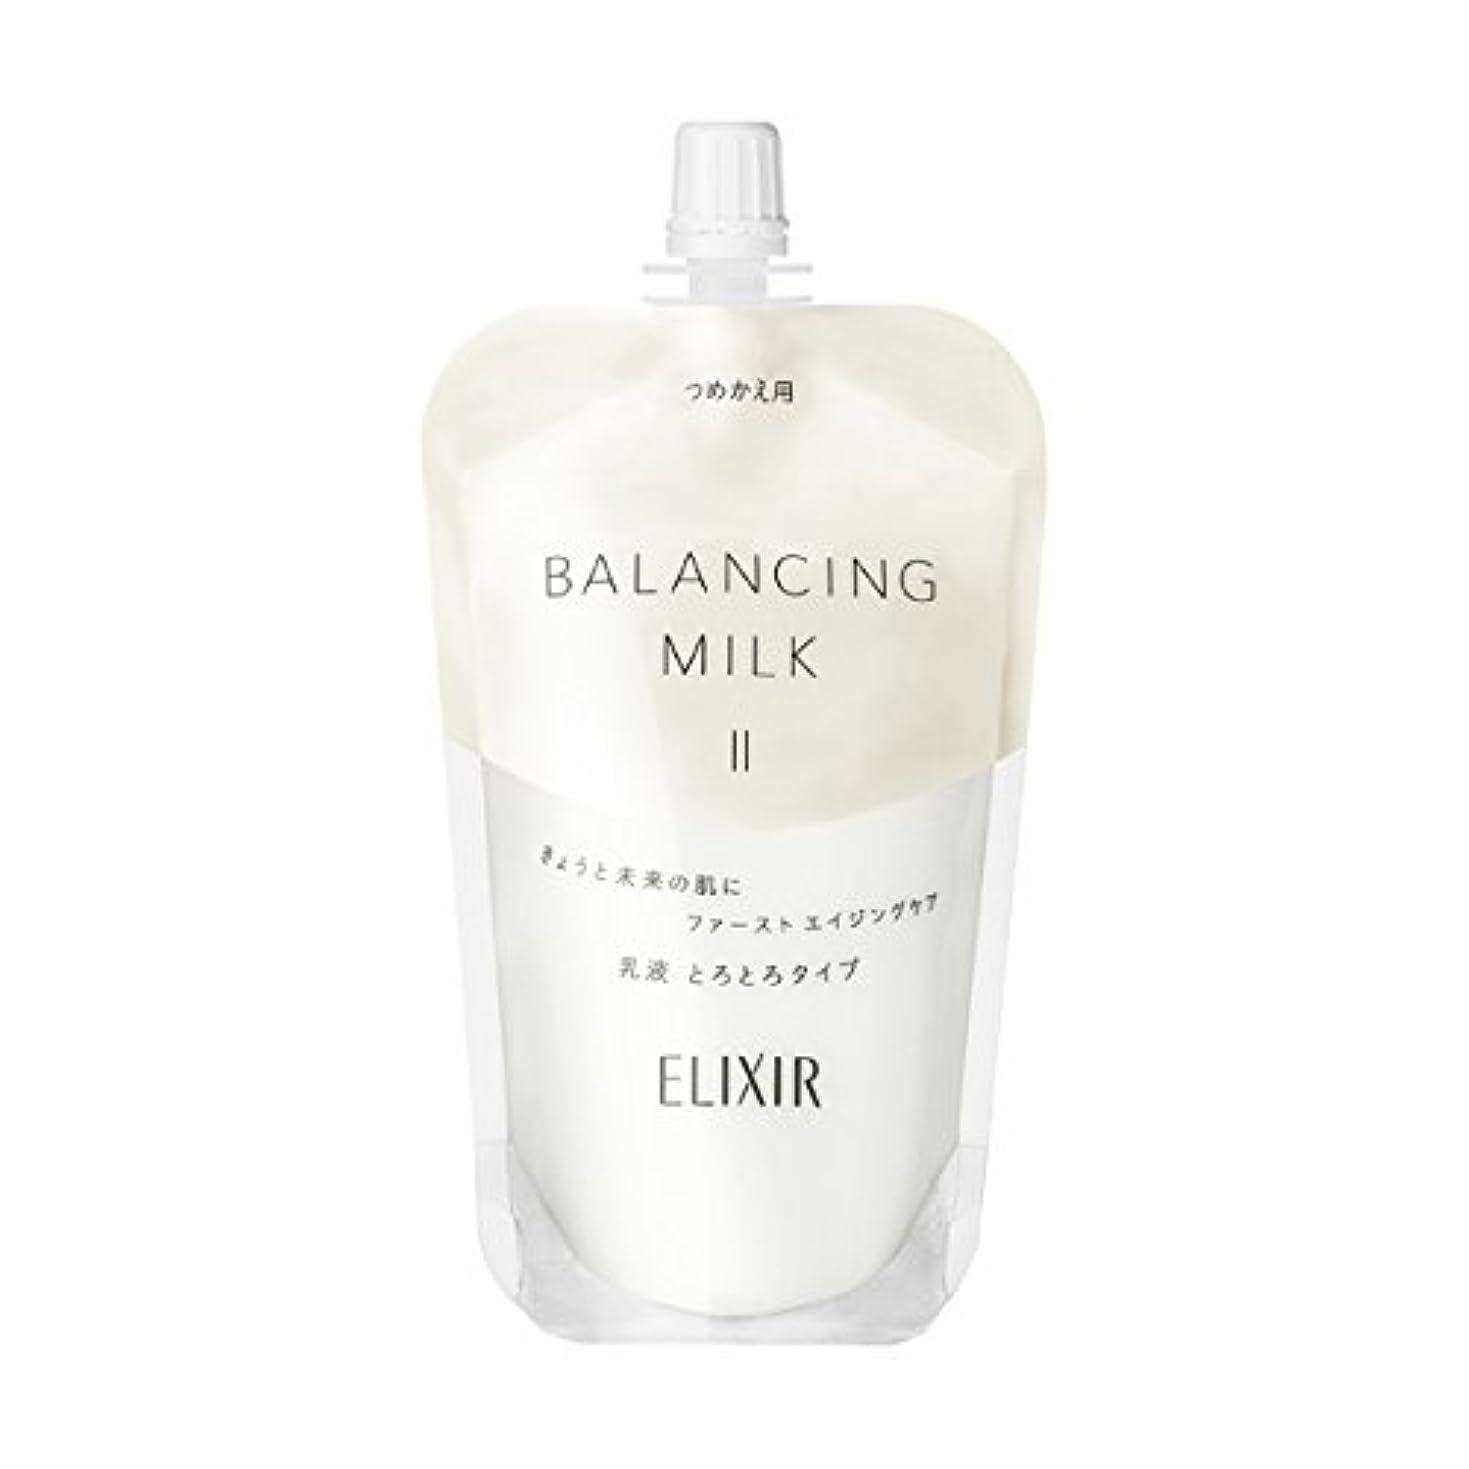 候補者高原ペグエリクシール ルフレ バランシング ミルク 乳液 2 (とろとろタイプ) (つめかえ用) 110mL